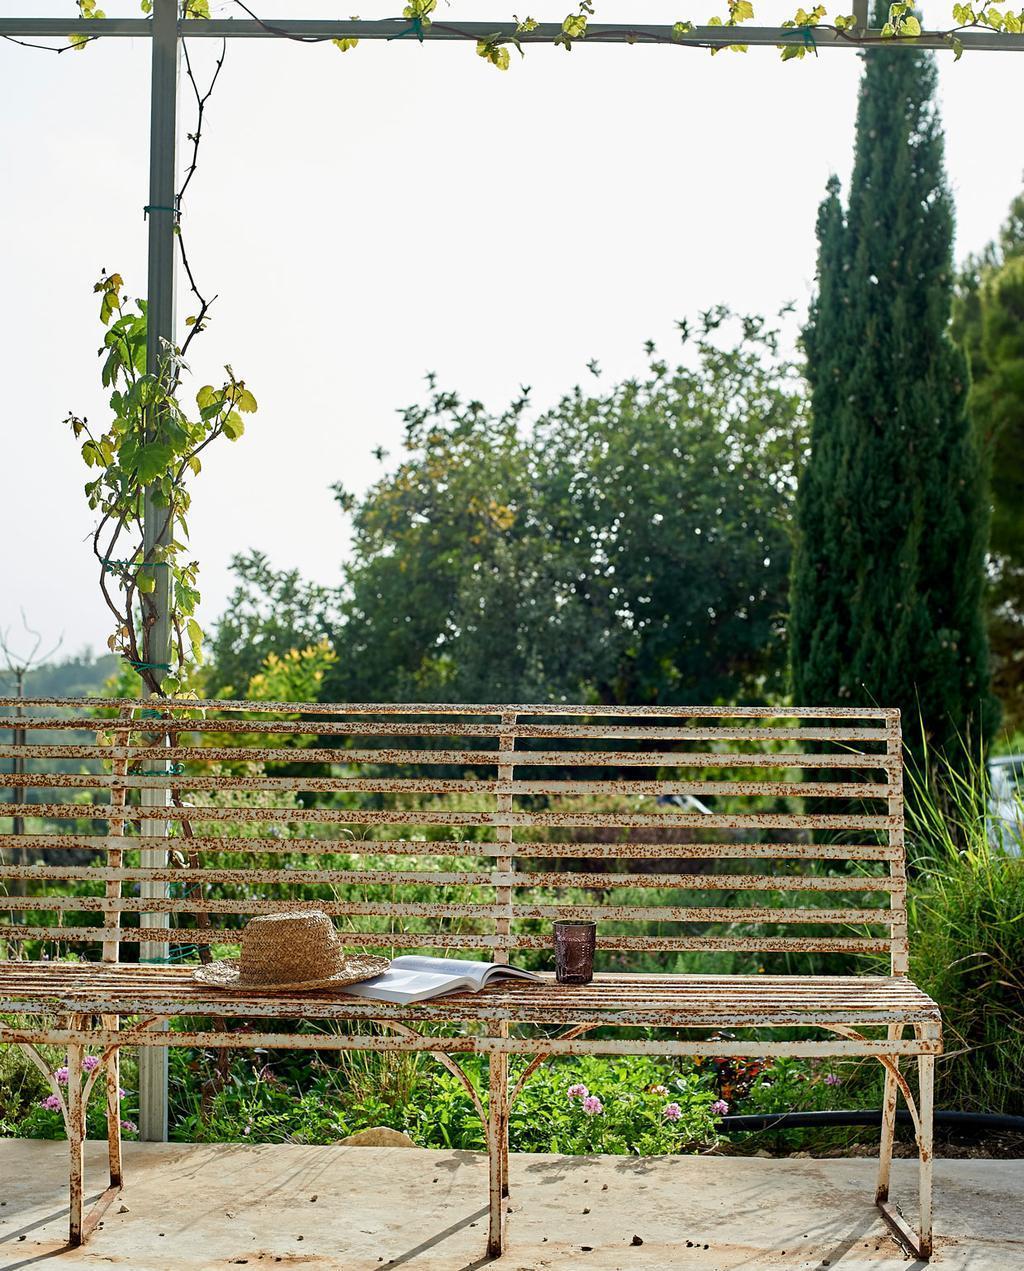 vtdéco - visite guidée - grange en Sicile - extérieur vieux banc rouillé